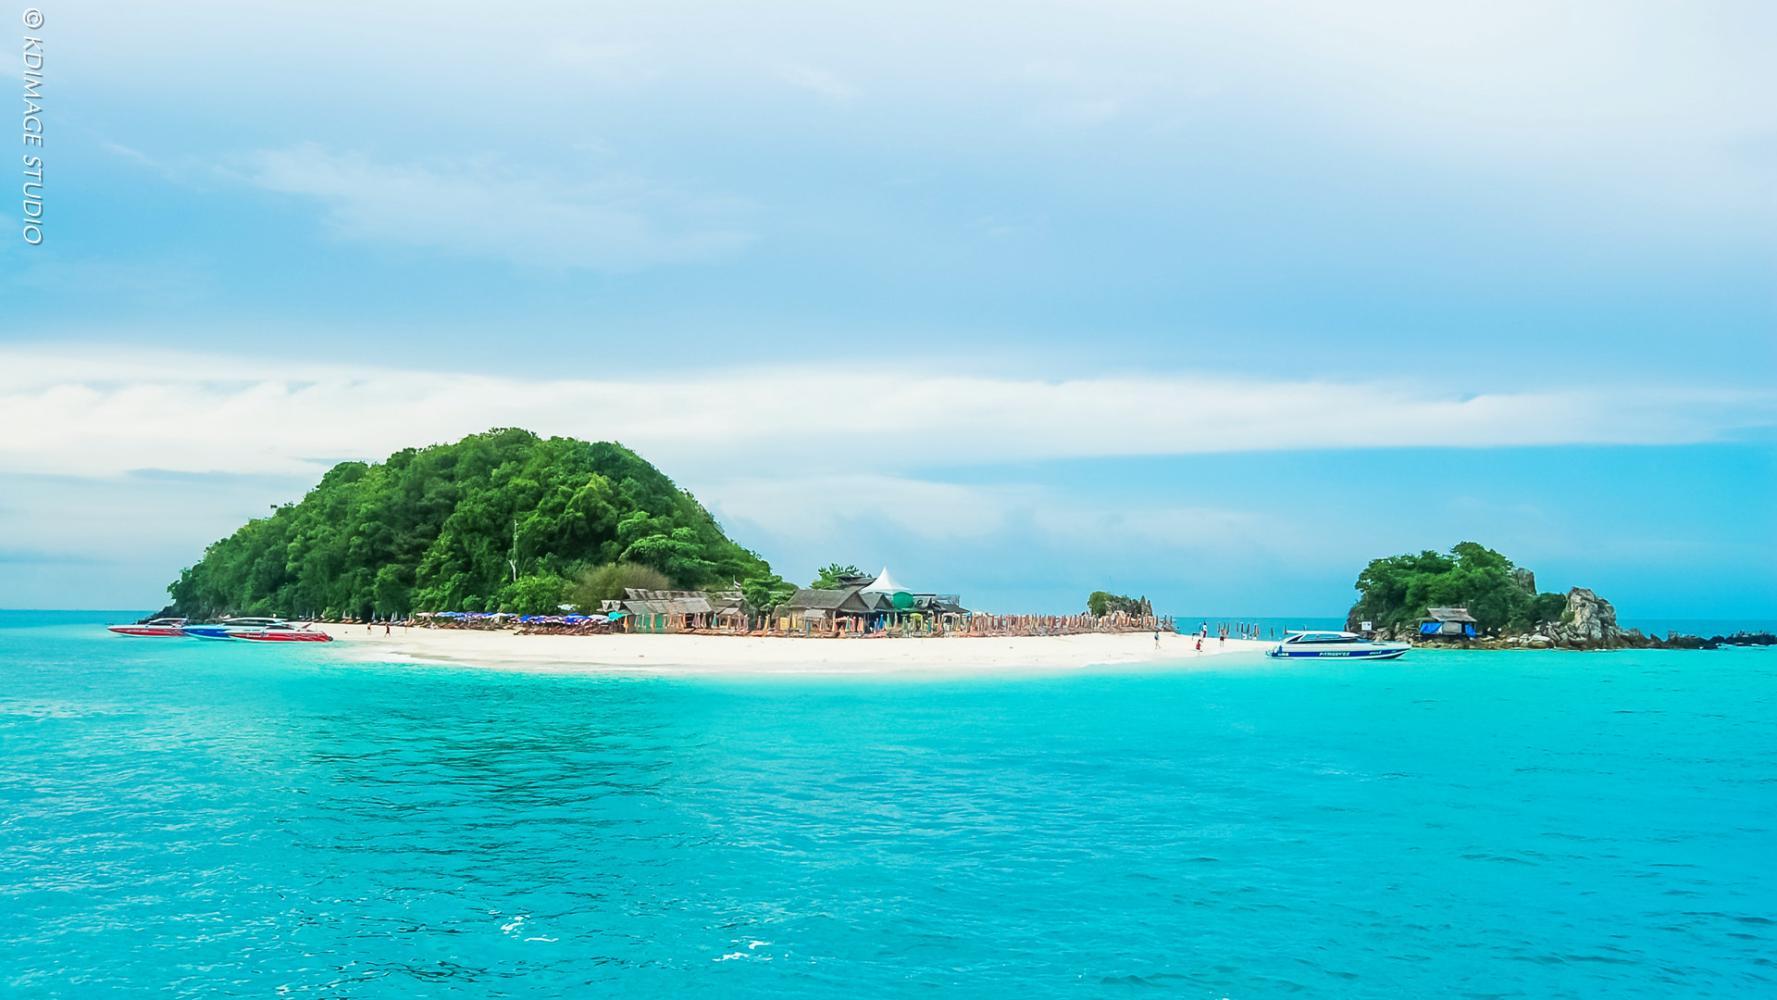 小包总撩骚安迪的泰国普吉岛可以这样玩